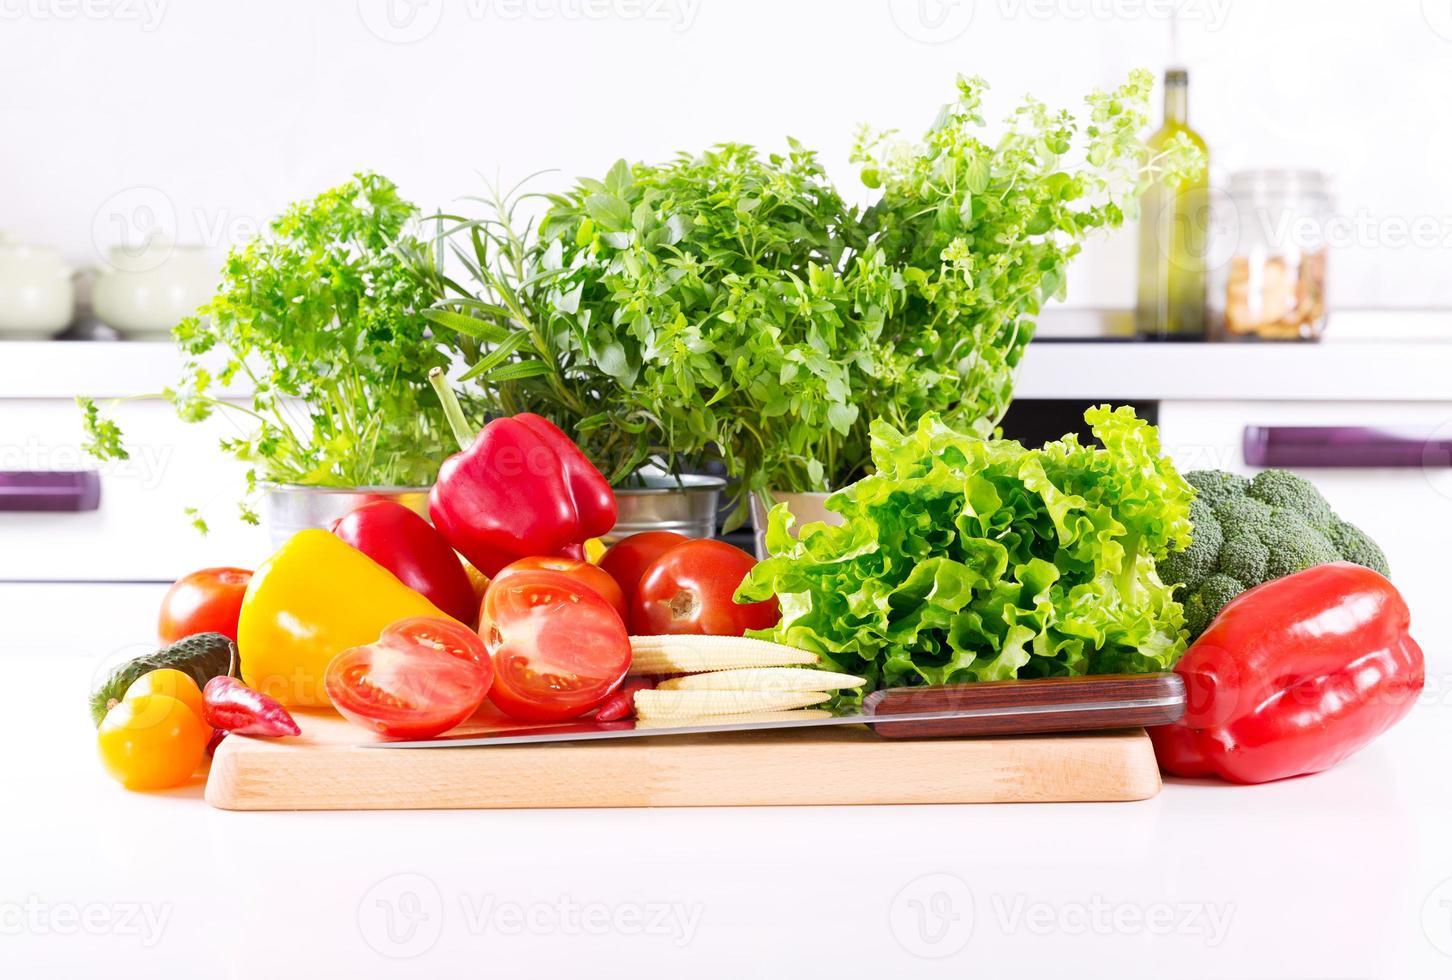 verdure fresche in cucina foto